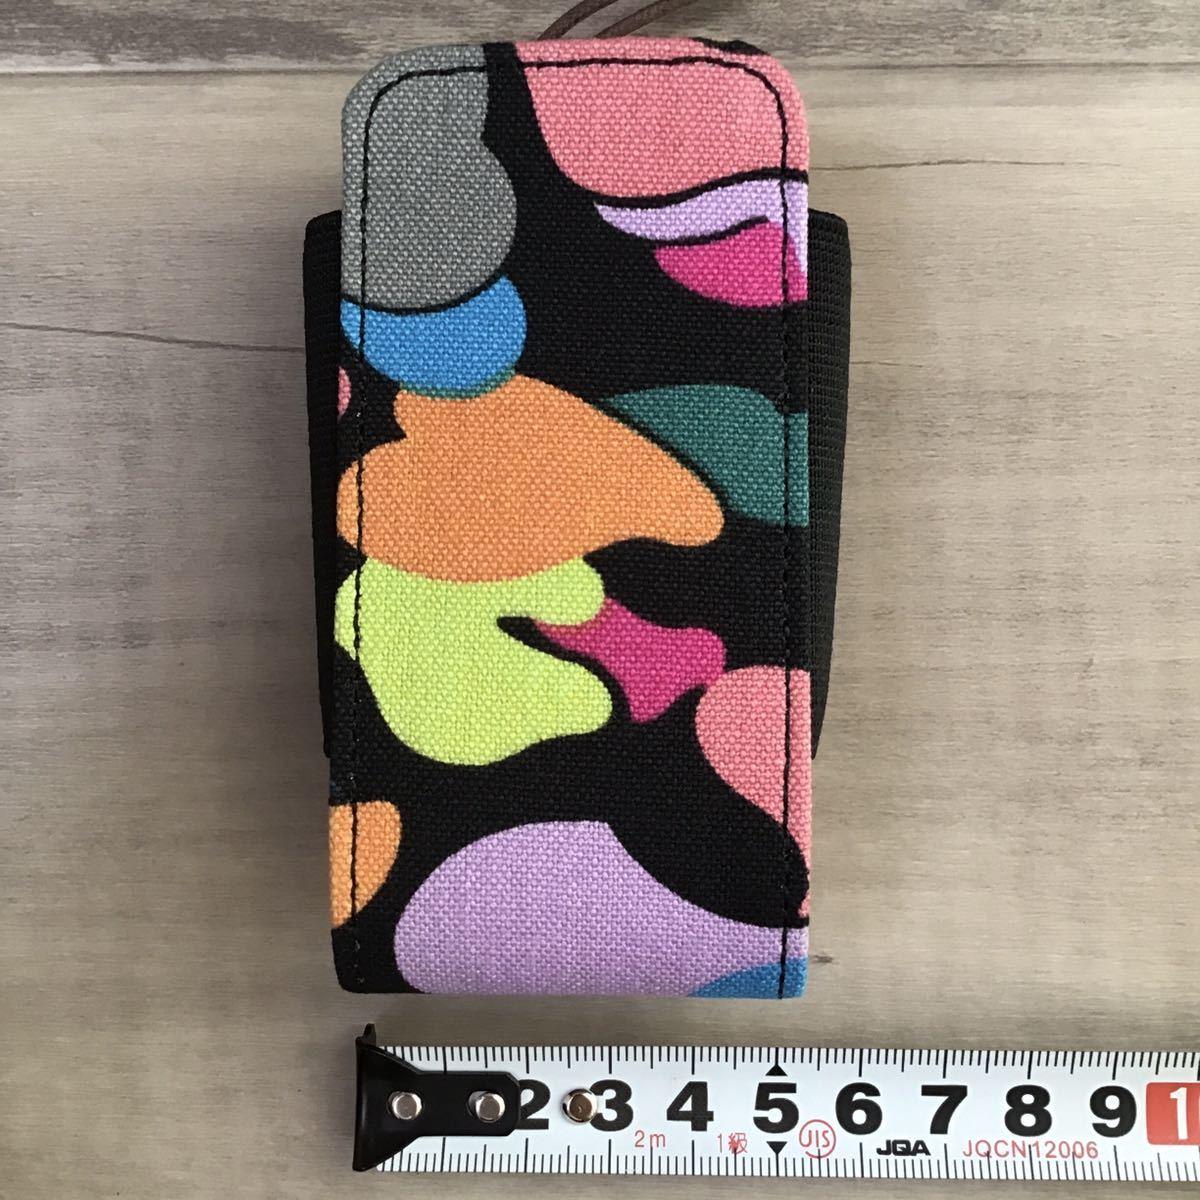 マルチカモ スマホケース ガジェットケース a bathing ape bape multi color camo エイプ ベイプ アベイシングエイプ 迷彩 iPhone